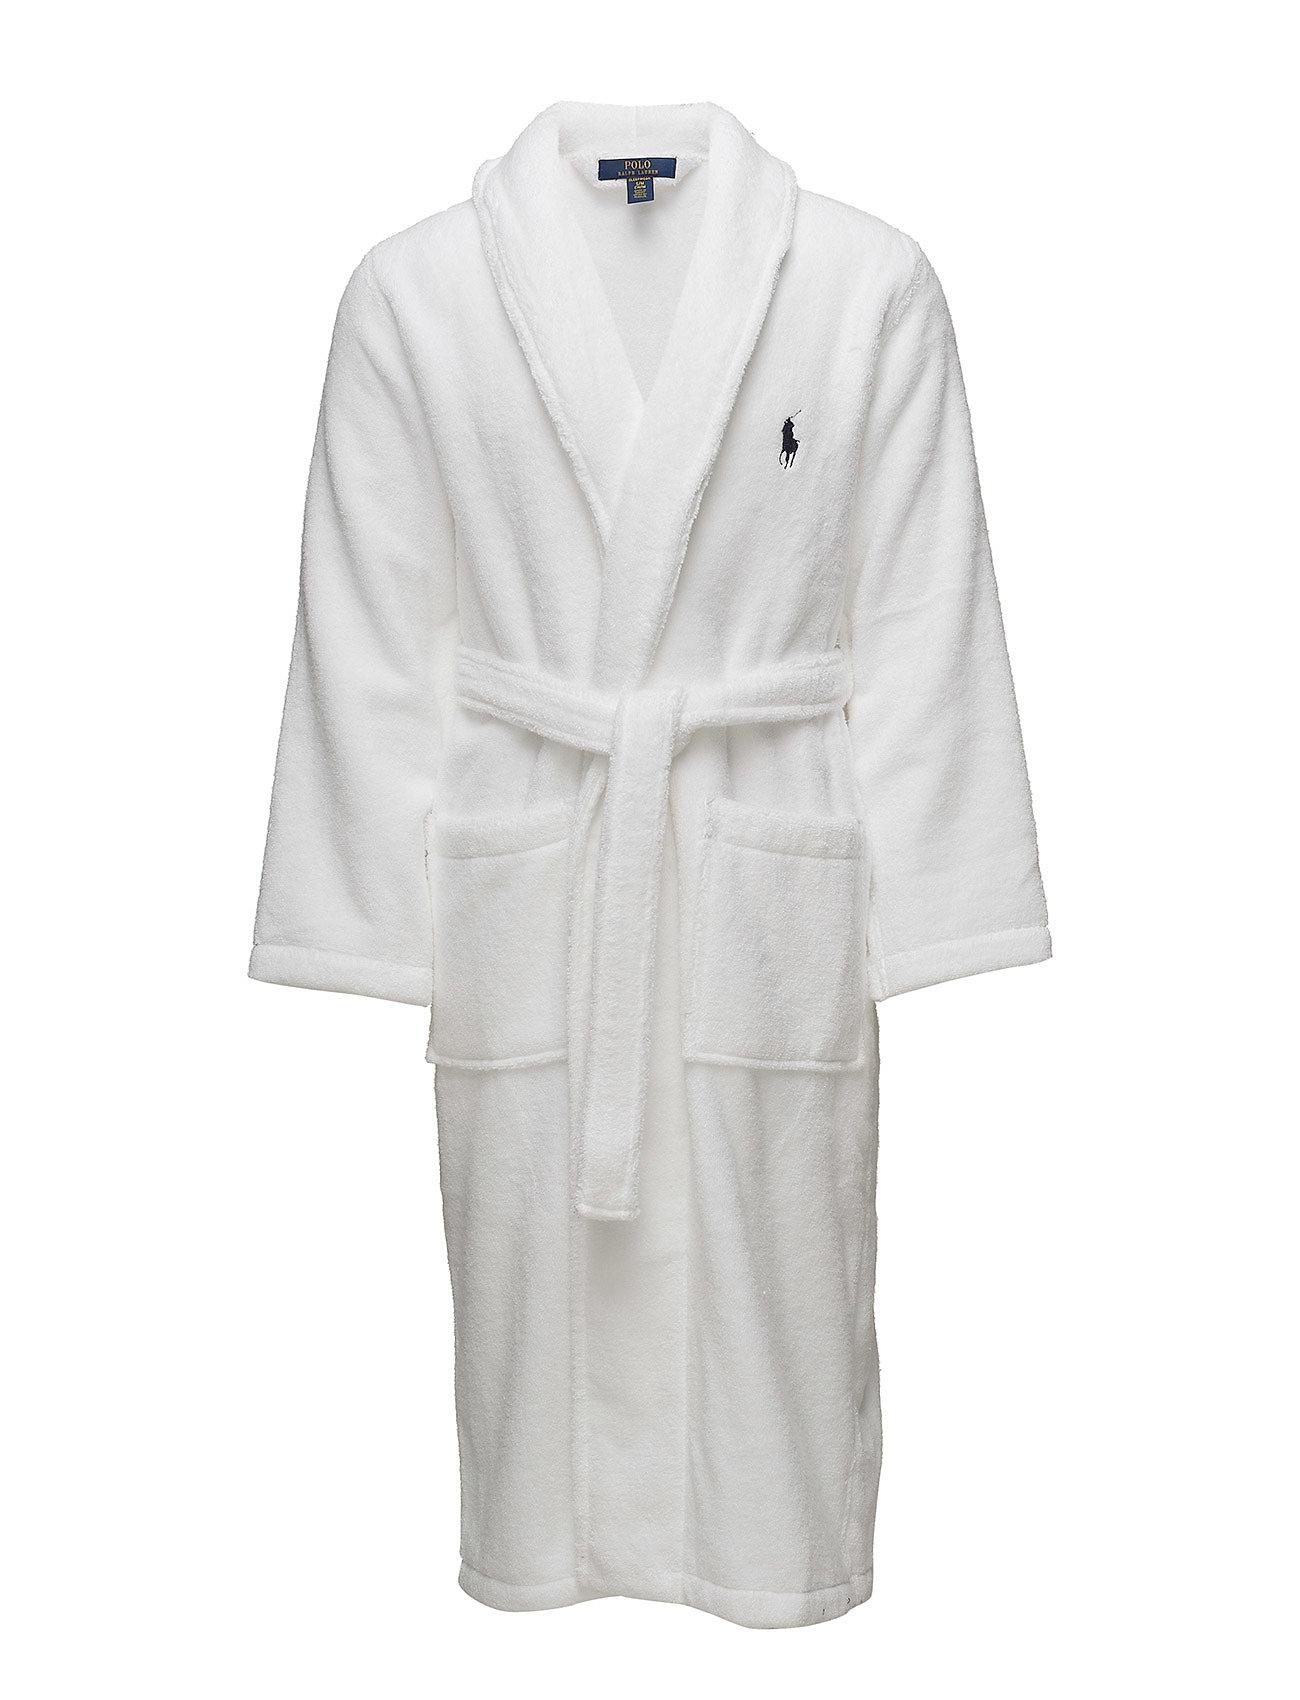 Cotton Terry Robe (White) (£115) - Polo Ralph Lauren Underwear ... 6aaff902a